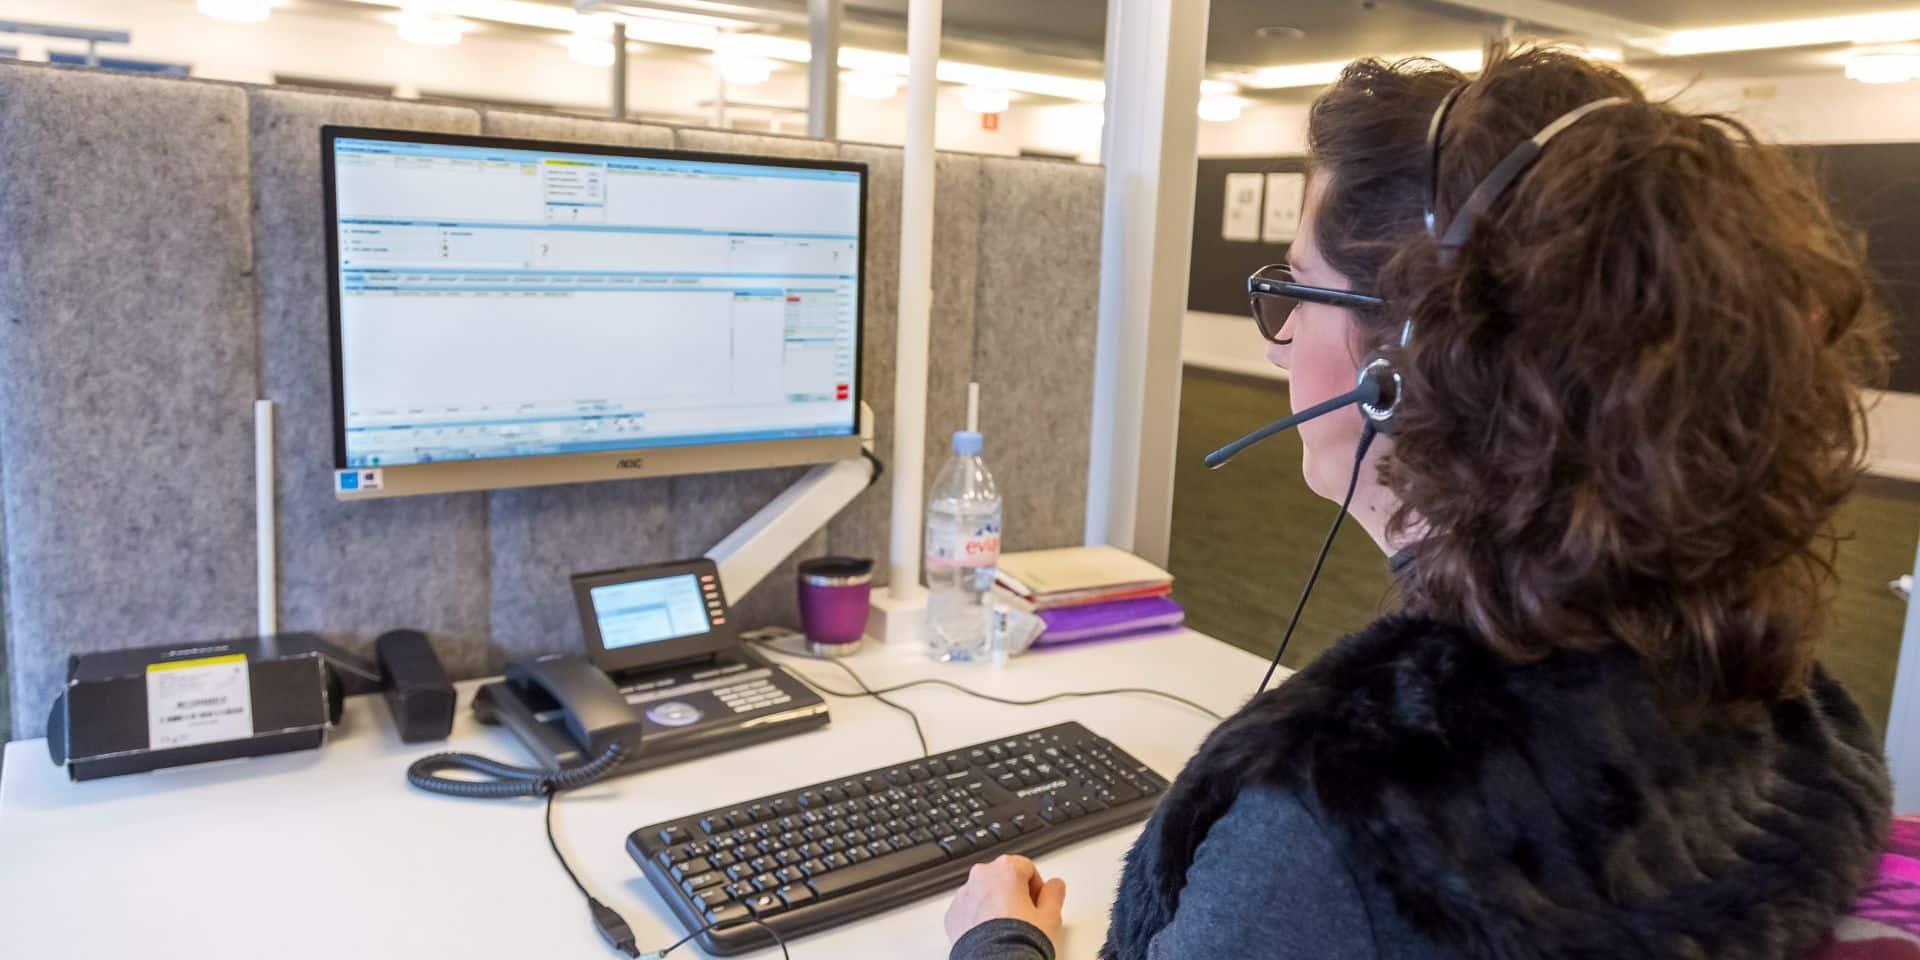 Le call center 101 à Mons fermé pour cause de coronavirus